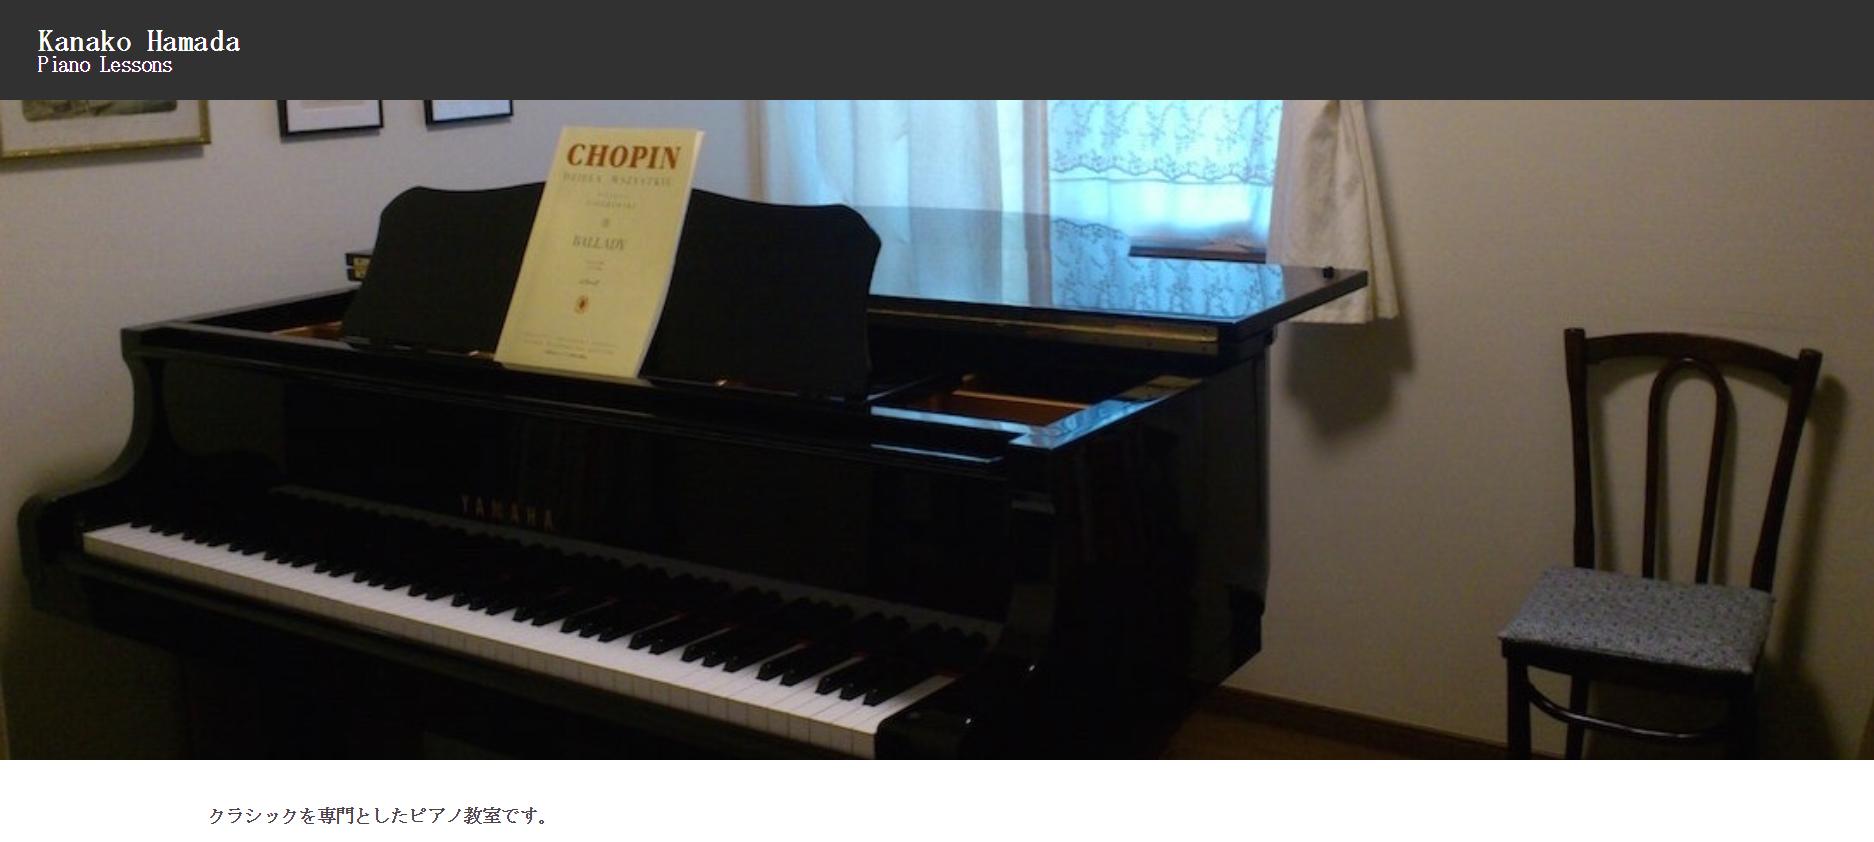 浜田佳菜子ピアノ教室のサムネイル